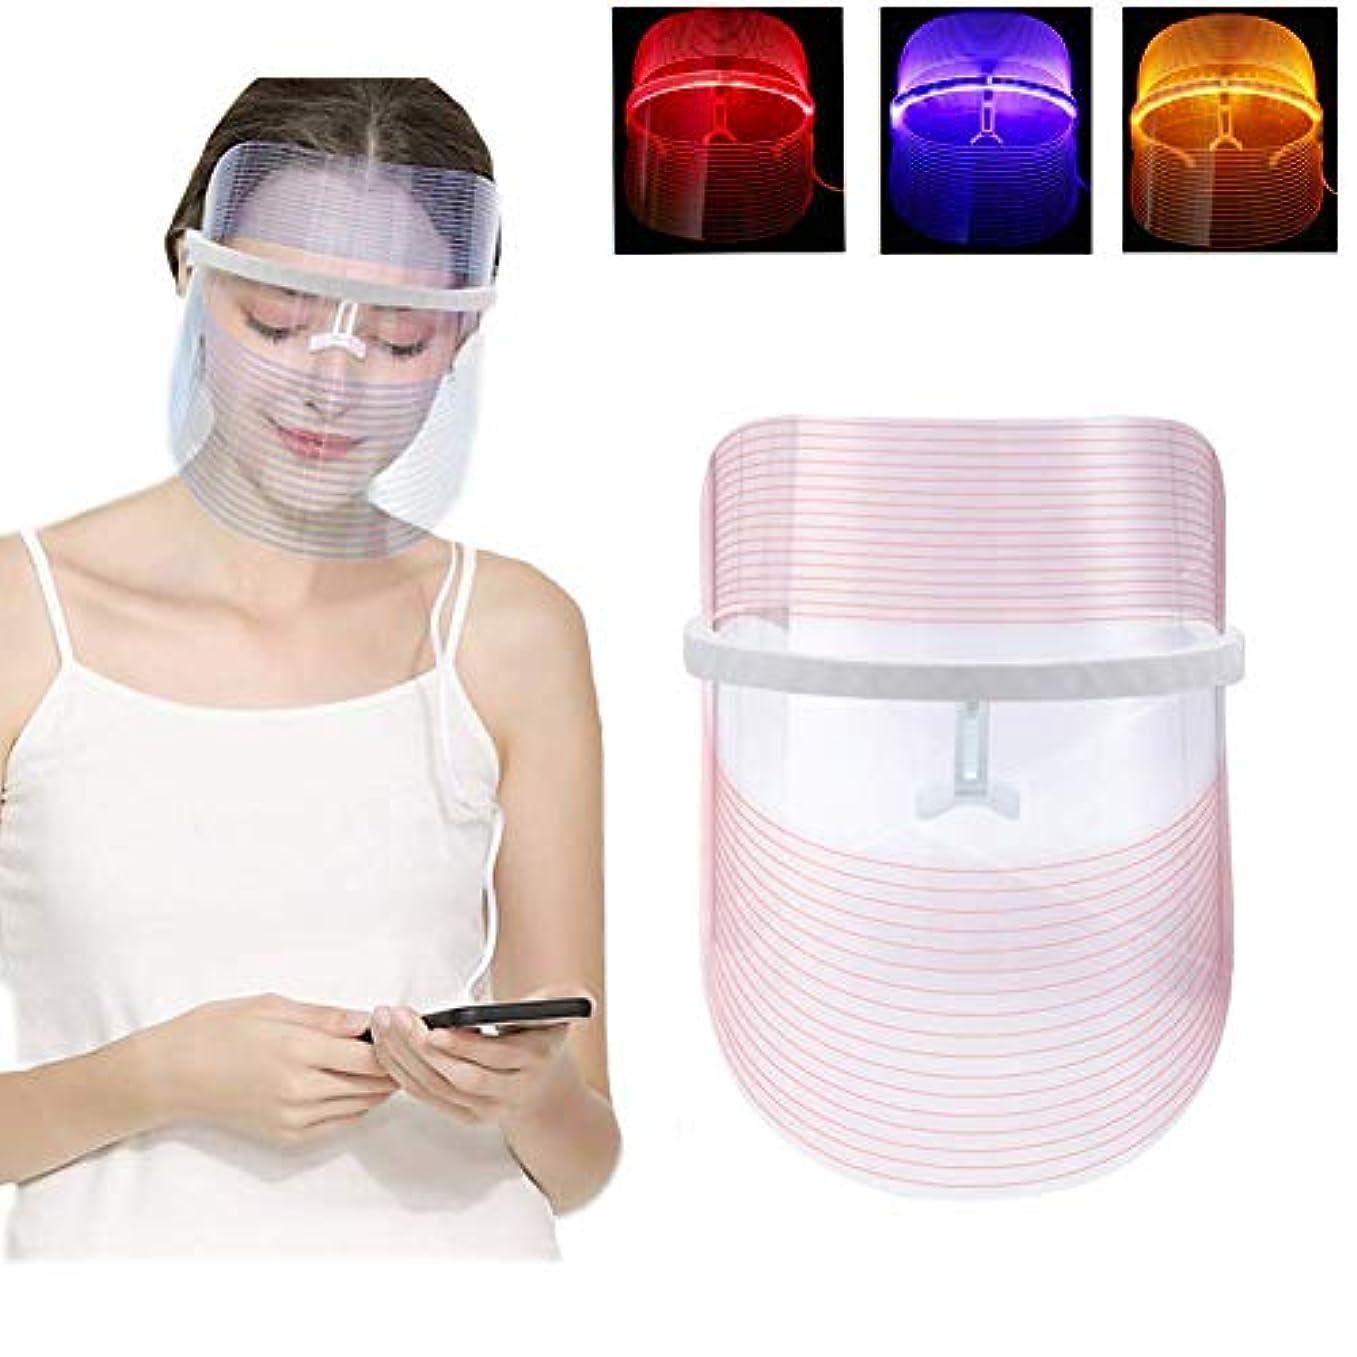 ファントム低いバリア3色LEDライト療法のフェイスマスクの美の器械の顔の鉱泉の処置装置の反アクネのしわの取り外し